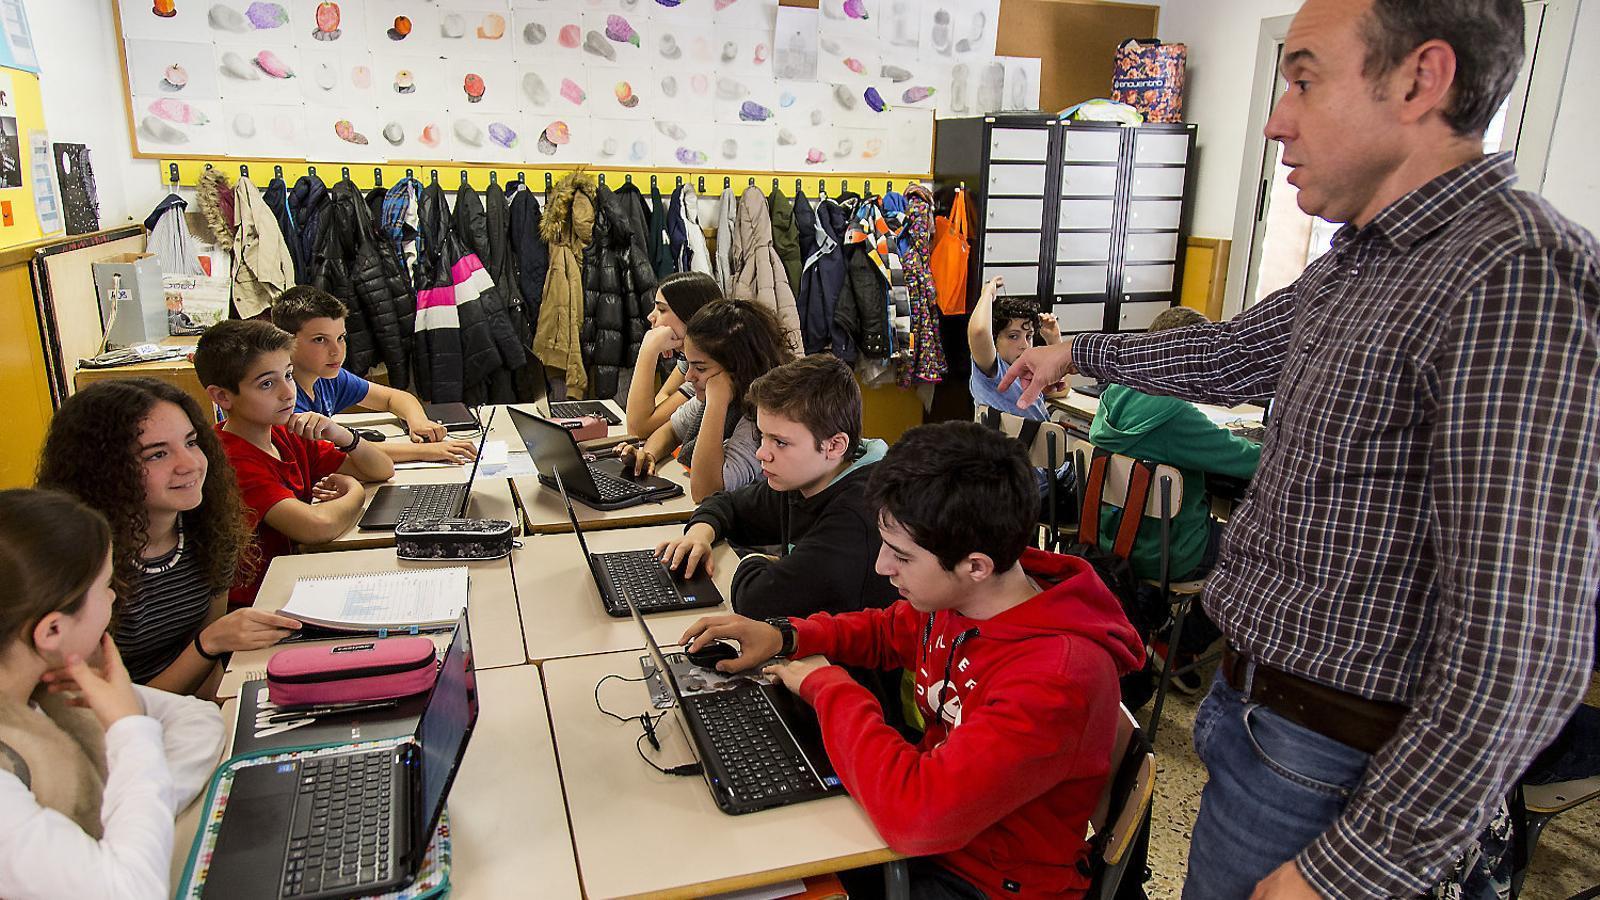 Una aula de l'Escola Pia de Granollers. A Catalunya els professors de secundària ara fan 19 hores lectives a la setmana, però els sindicats reclamen que en siguin 18 com el 2010. Els mestres de primària en fan 24, una més que fa vuit anys.